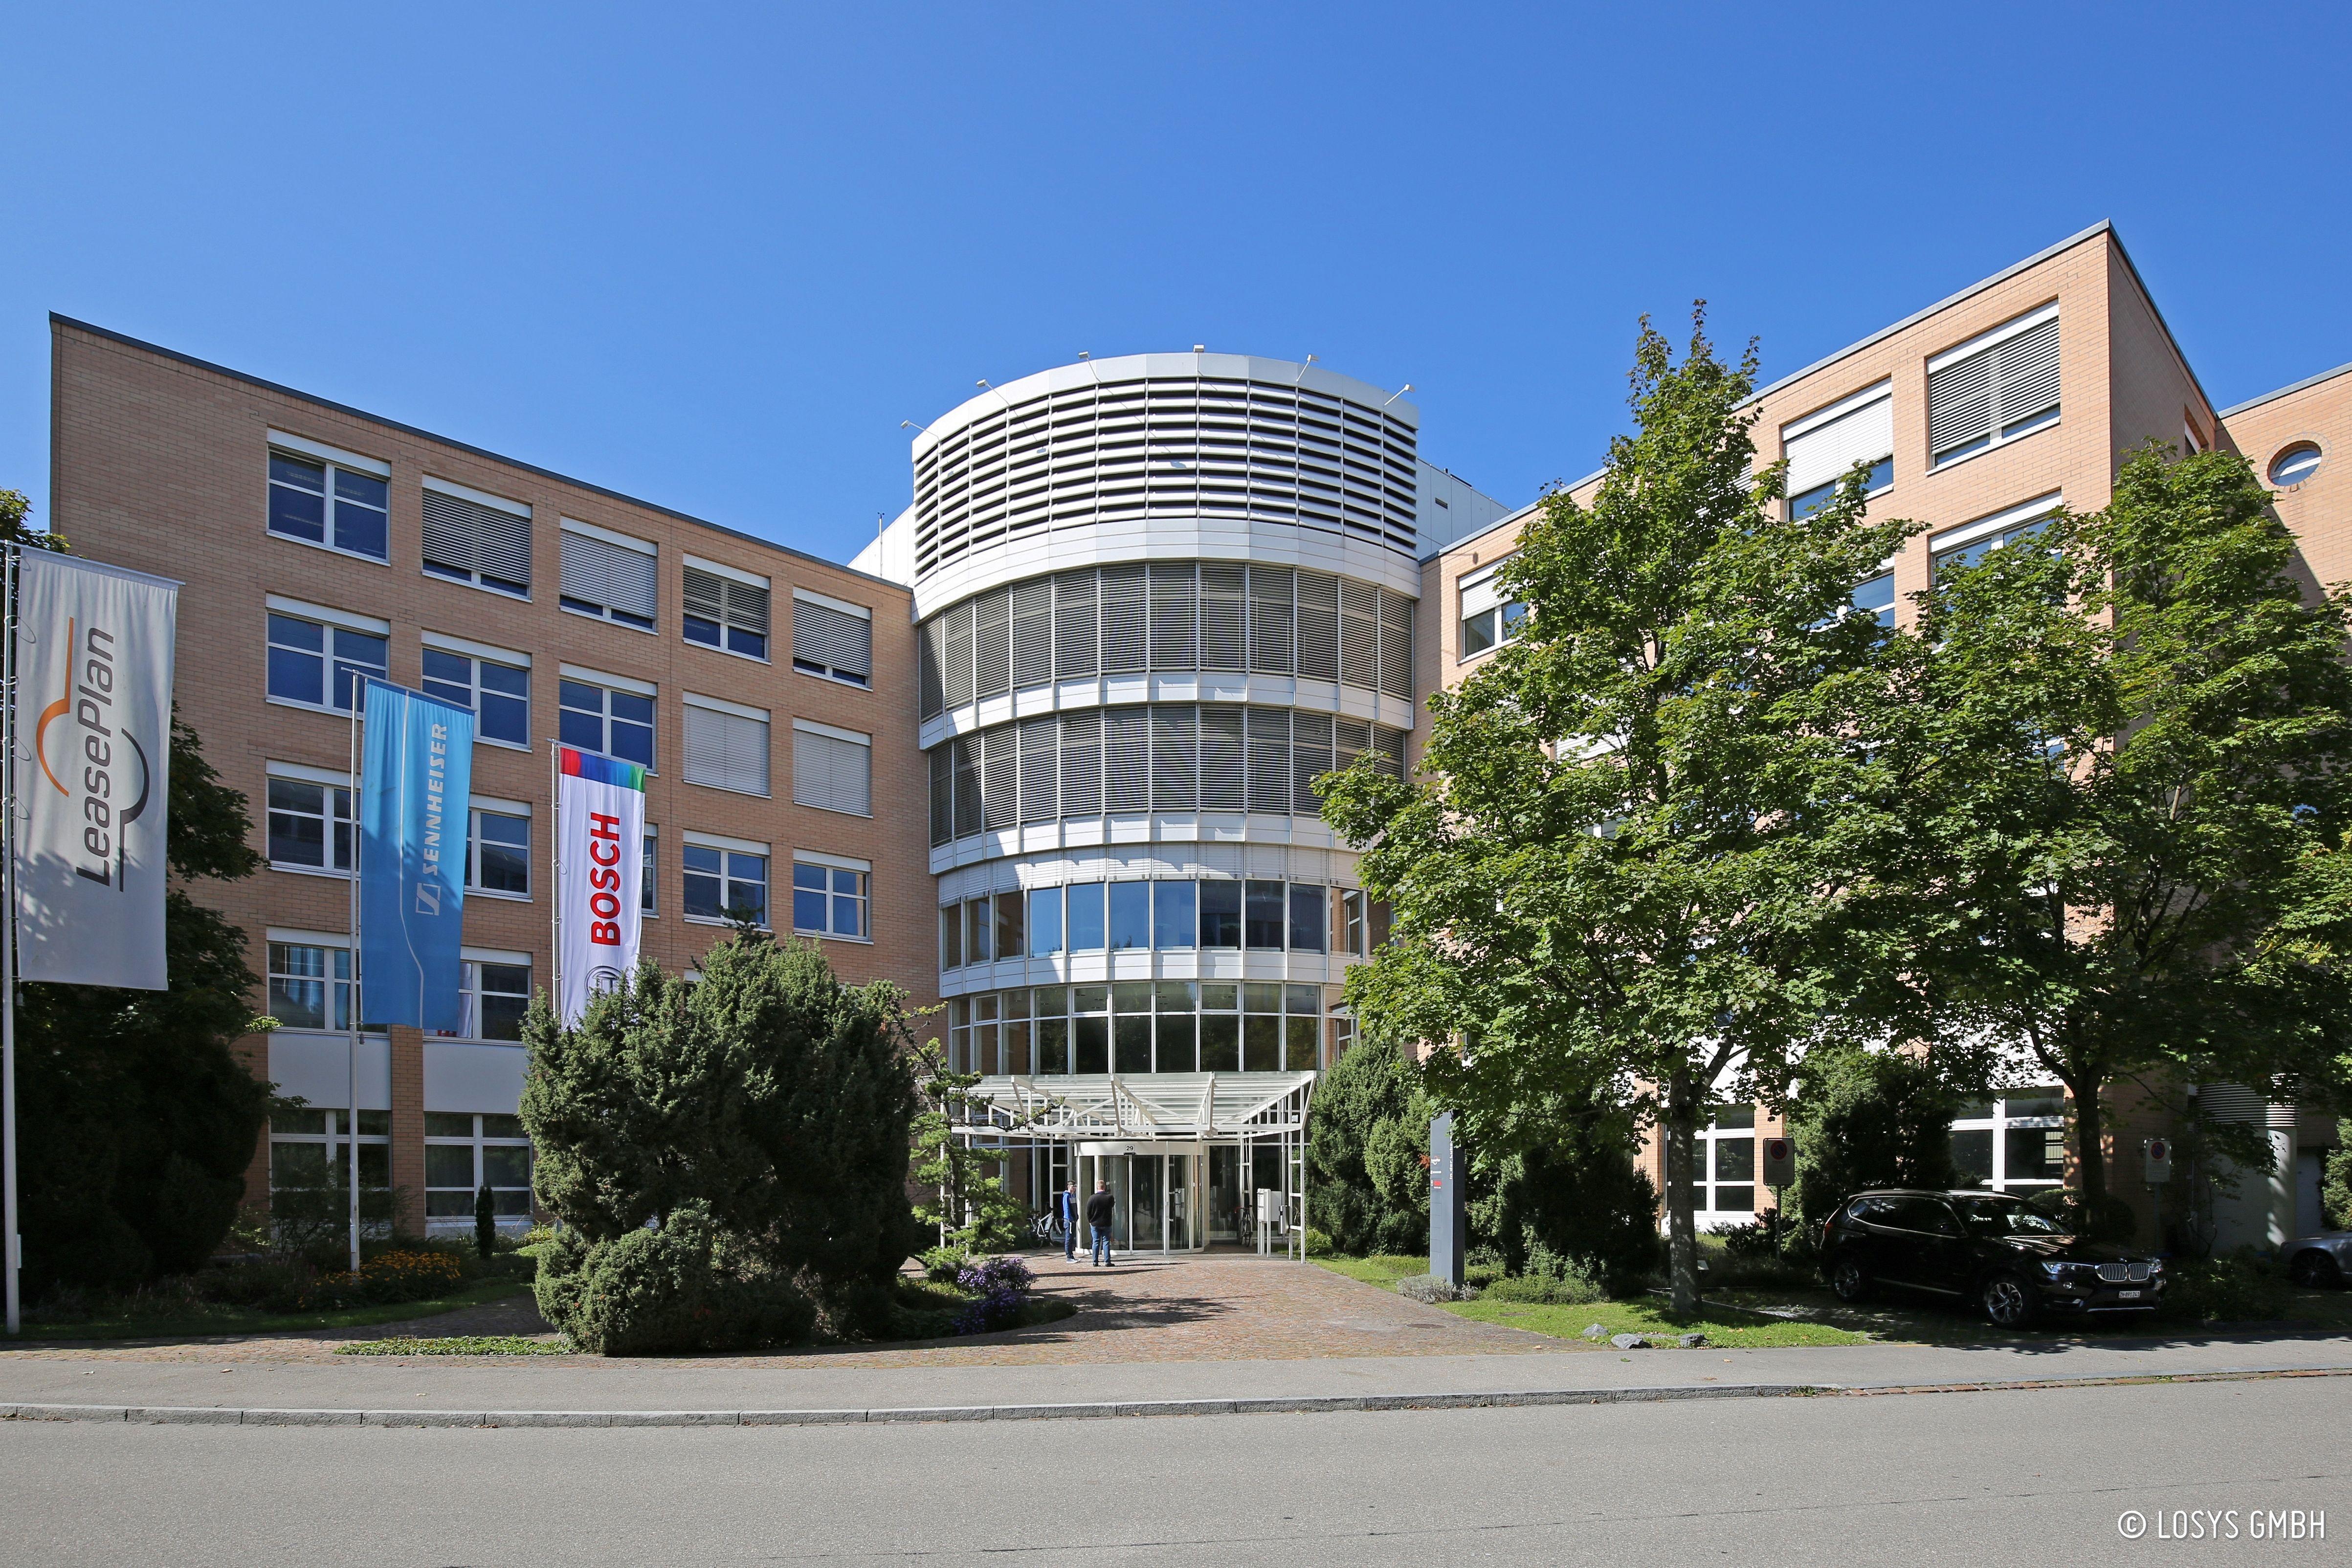 Geschäftshaus Luberzen